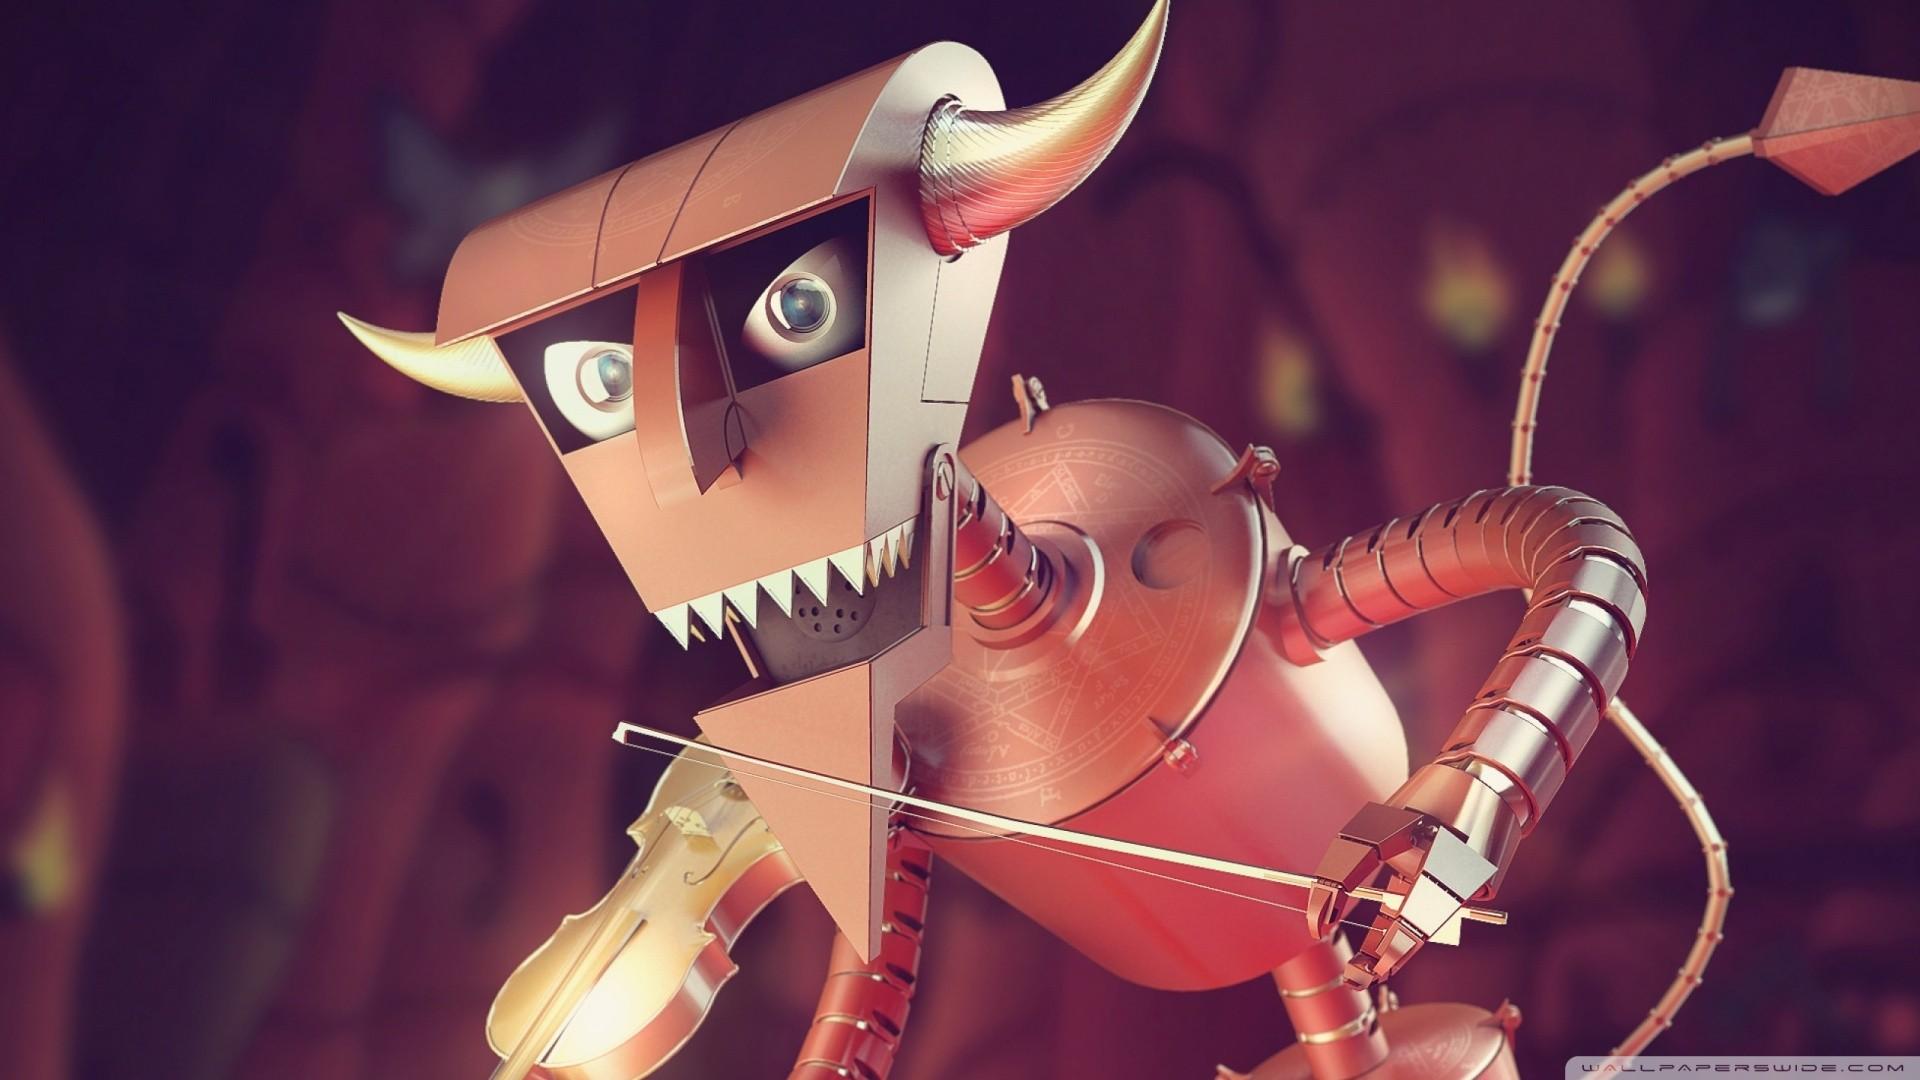 General 1920x1080 Futurama digital art render robot Devil violin hell